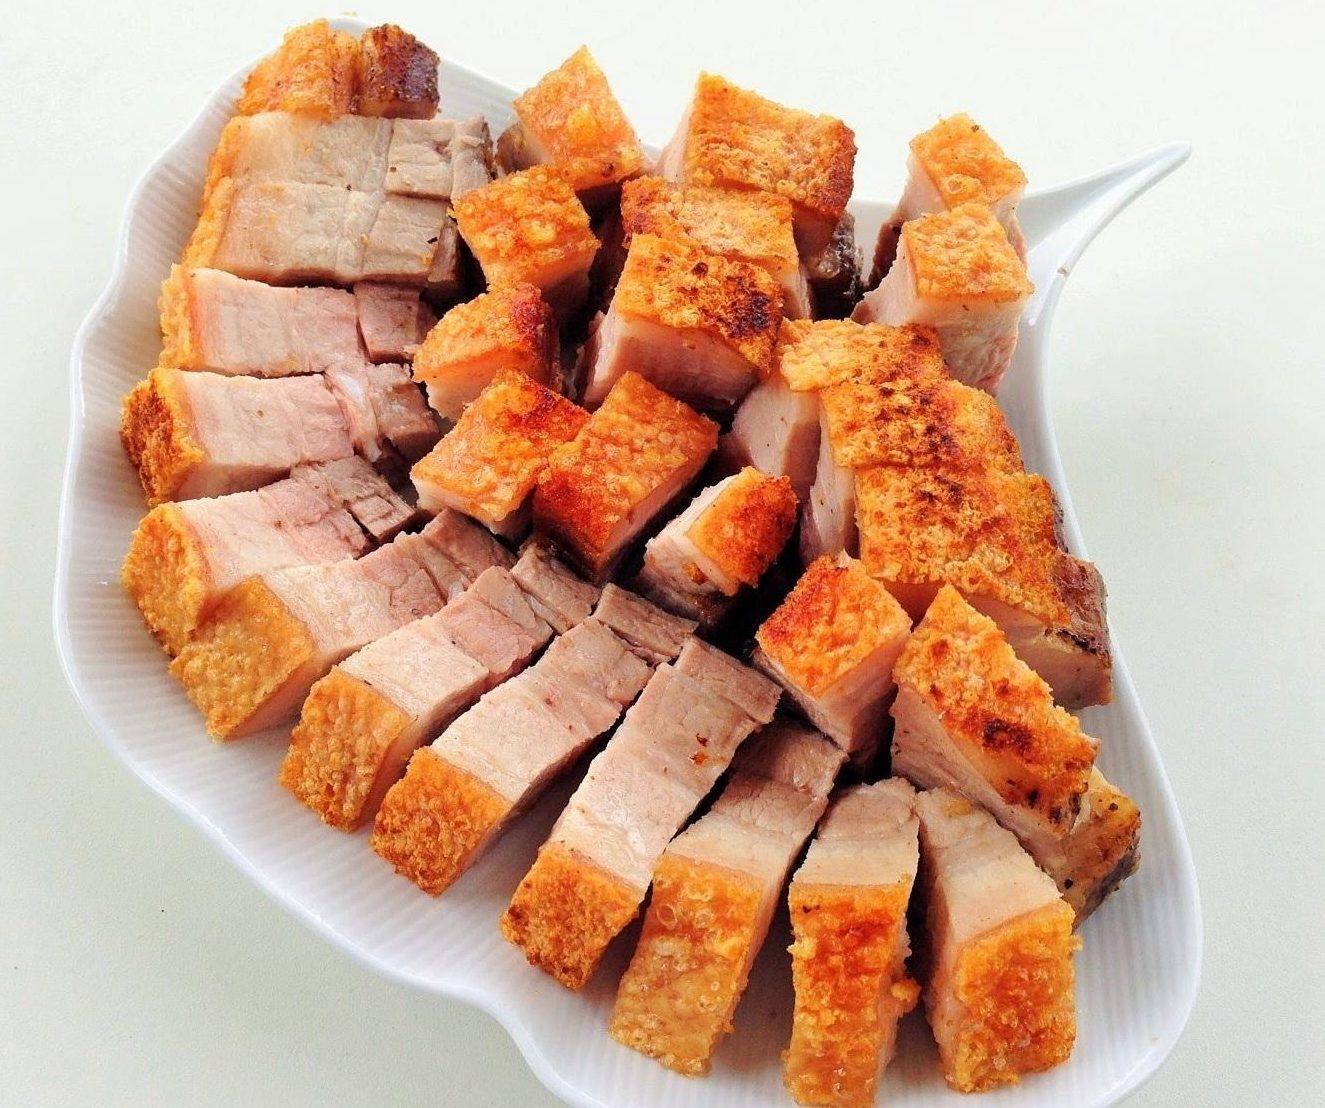 banh-mi-thit bánh mì thịt Các cách làm bánh mì thịt siêu ngon, siêu hấp dẫn cach lam banh mi thit de ban 4 e1569654145311